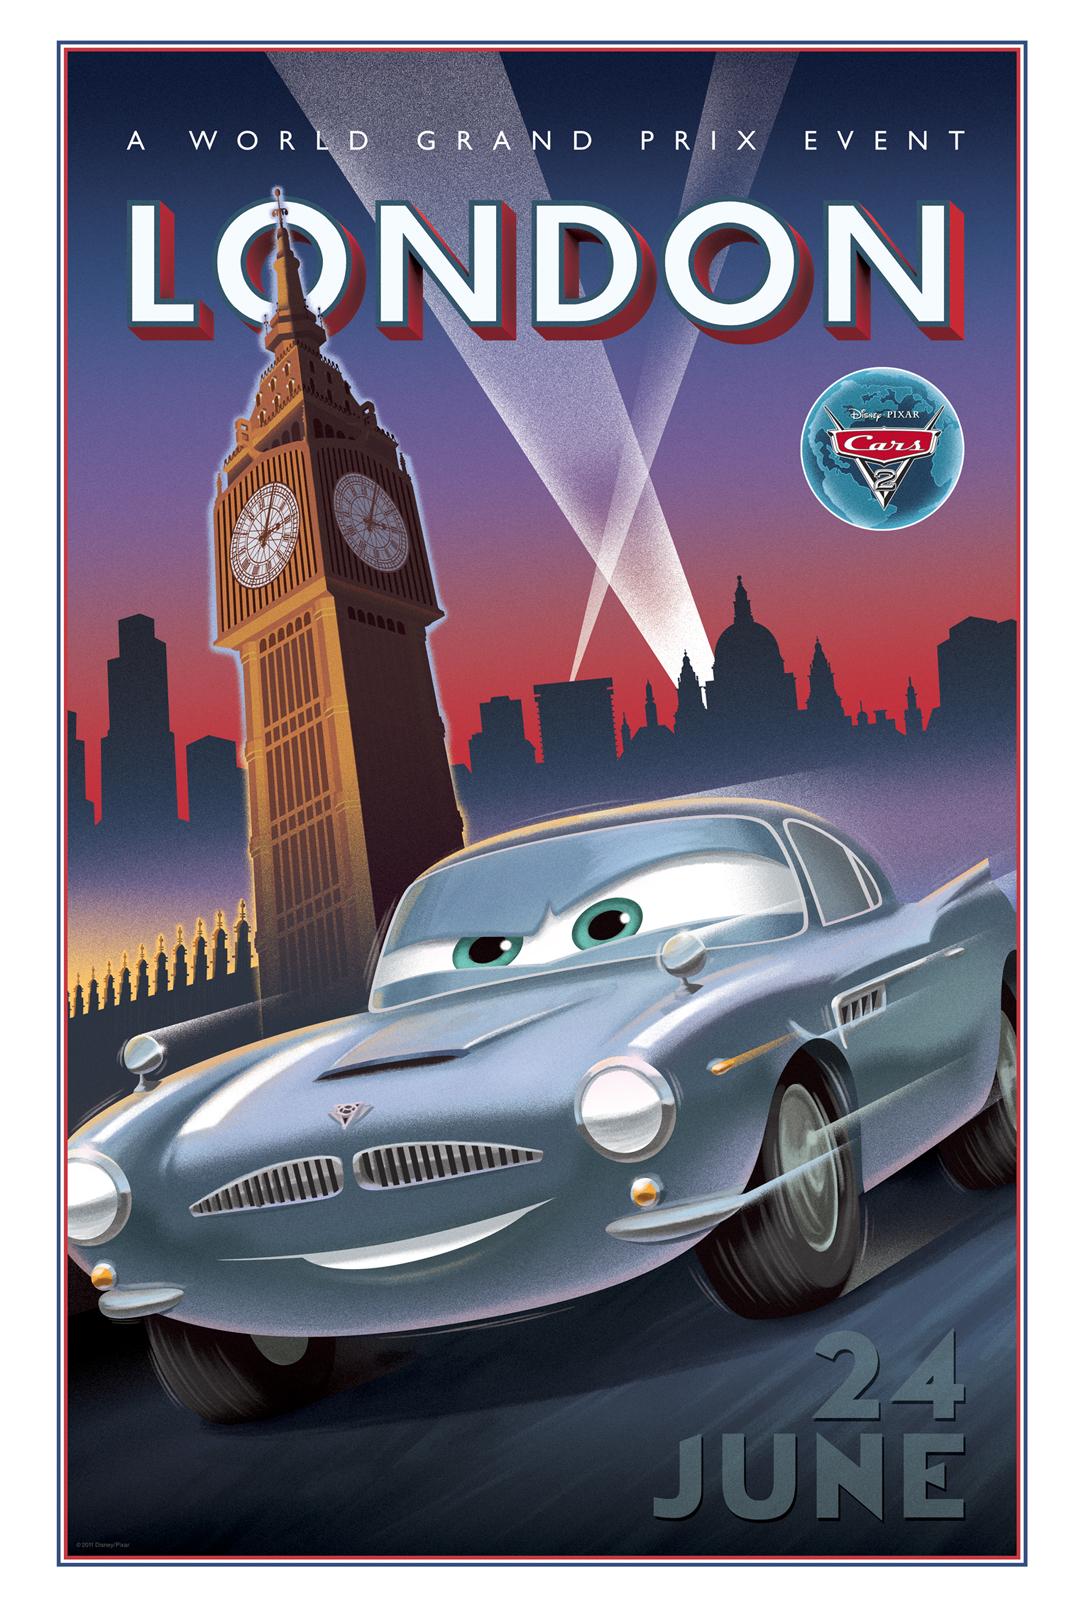 Image - CRS2 London WPG Vintage P v8.0Online-570x844.jpg | Pixar ...